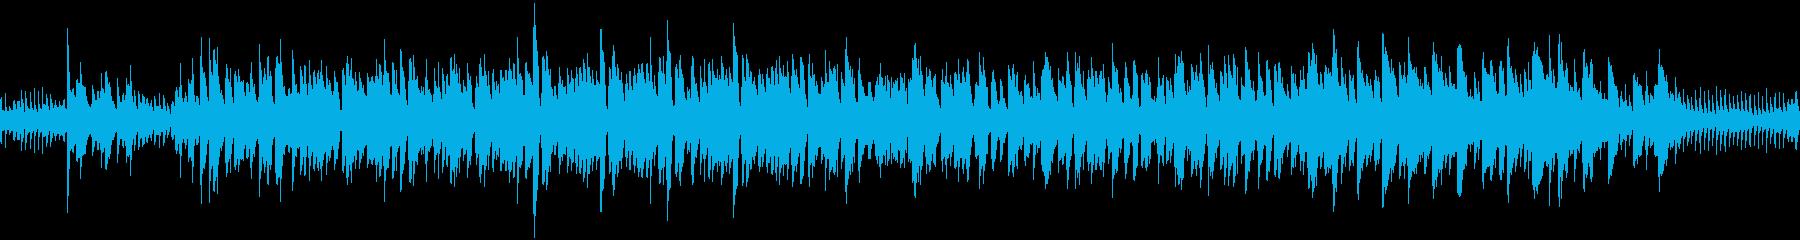 和風謎解き系ゲームのBGMなどに合いそ…の再生済みの波形